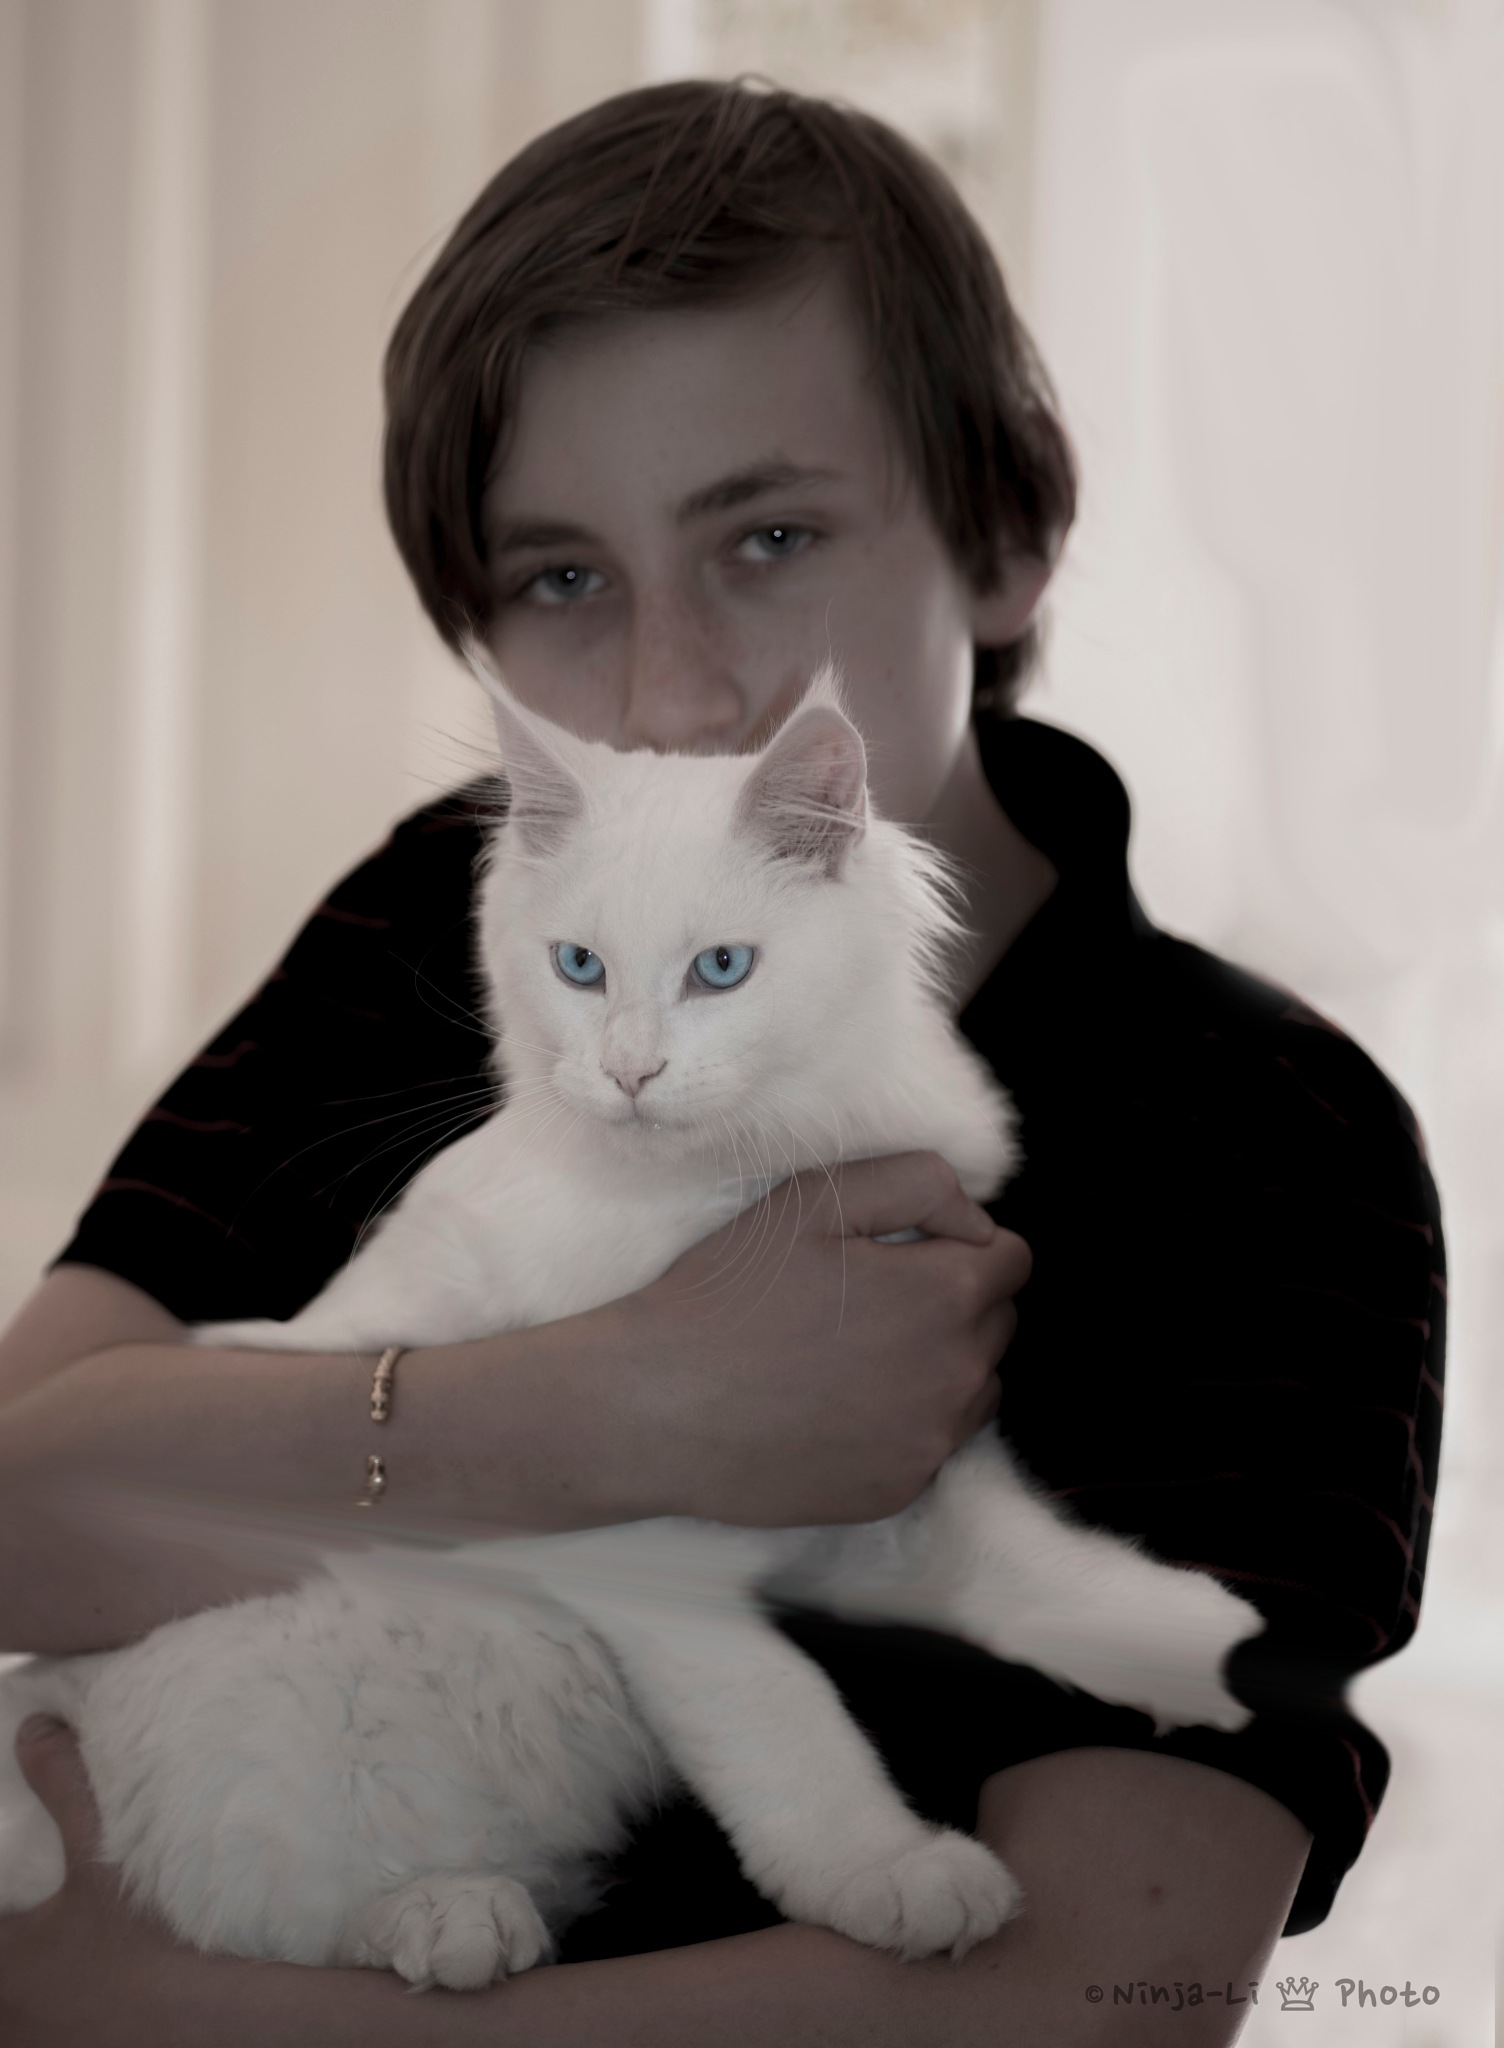 Son and cat by Ninja-Li Einarsen Stahre